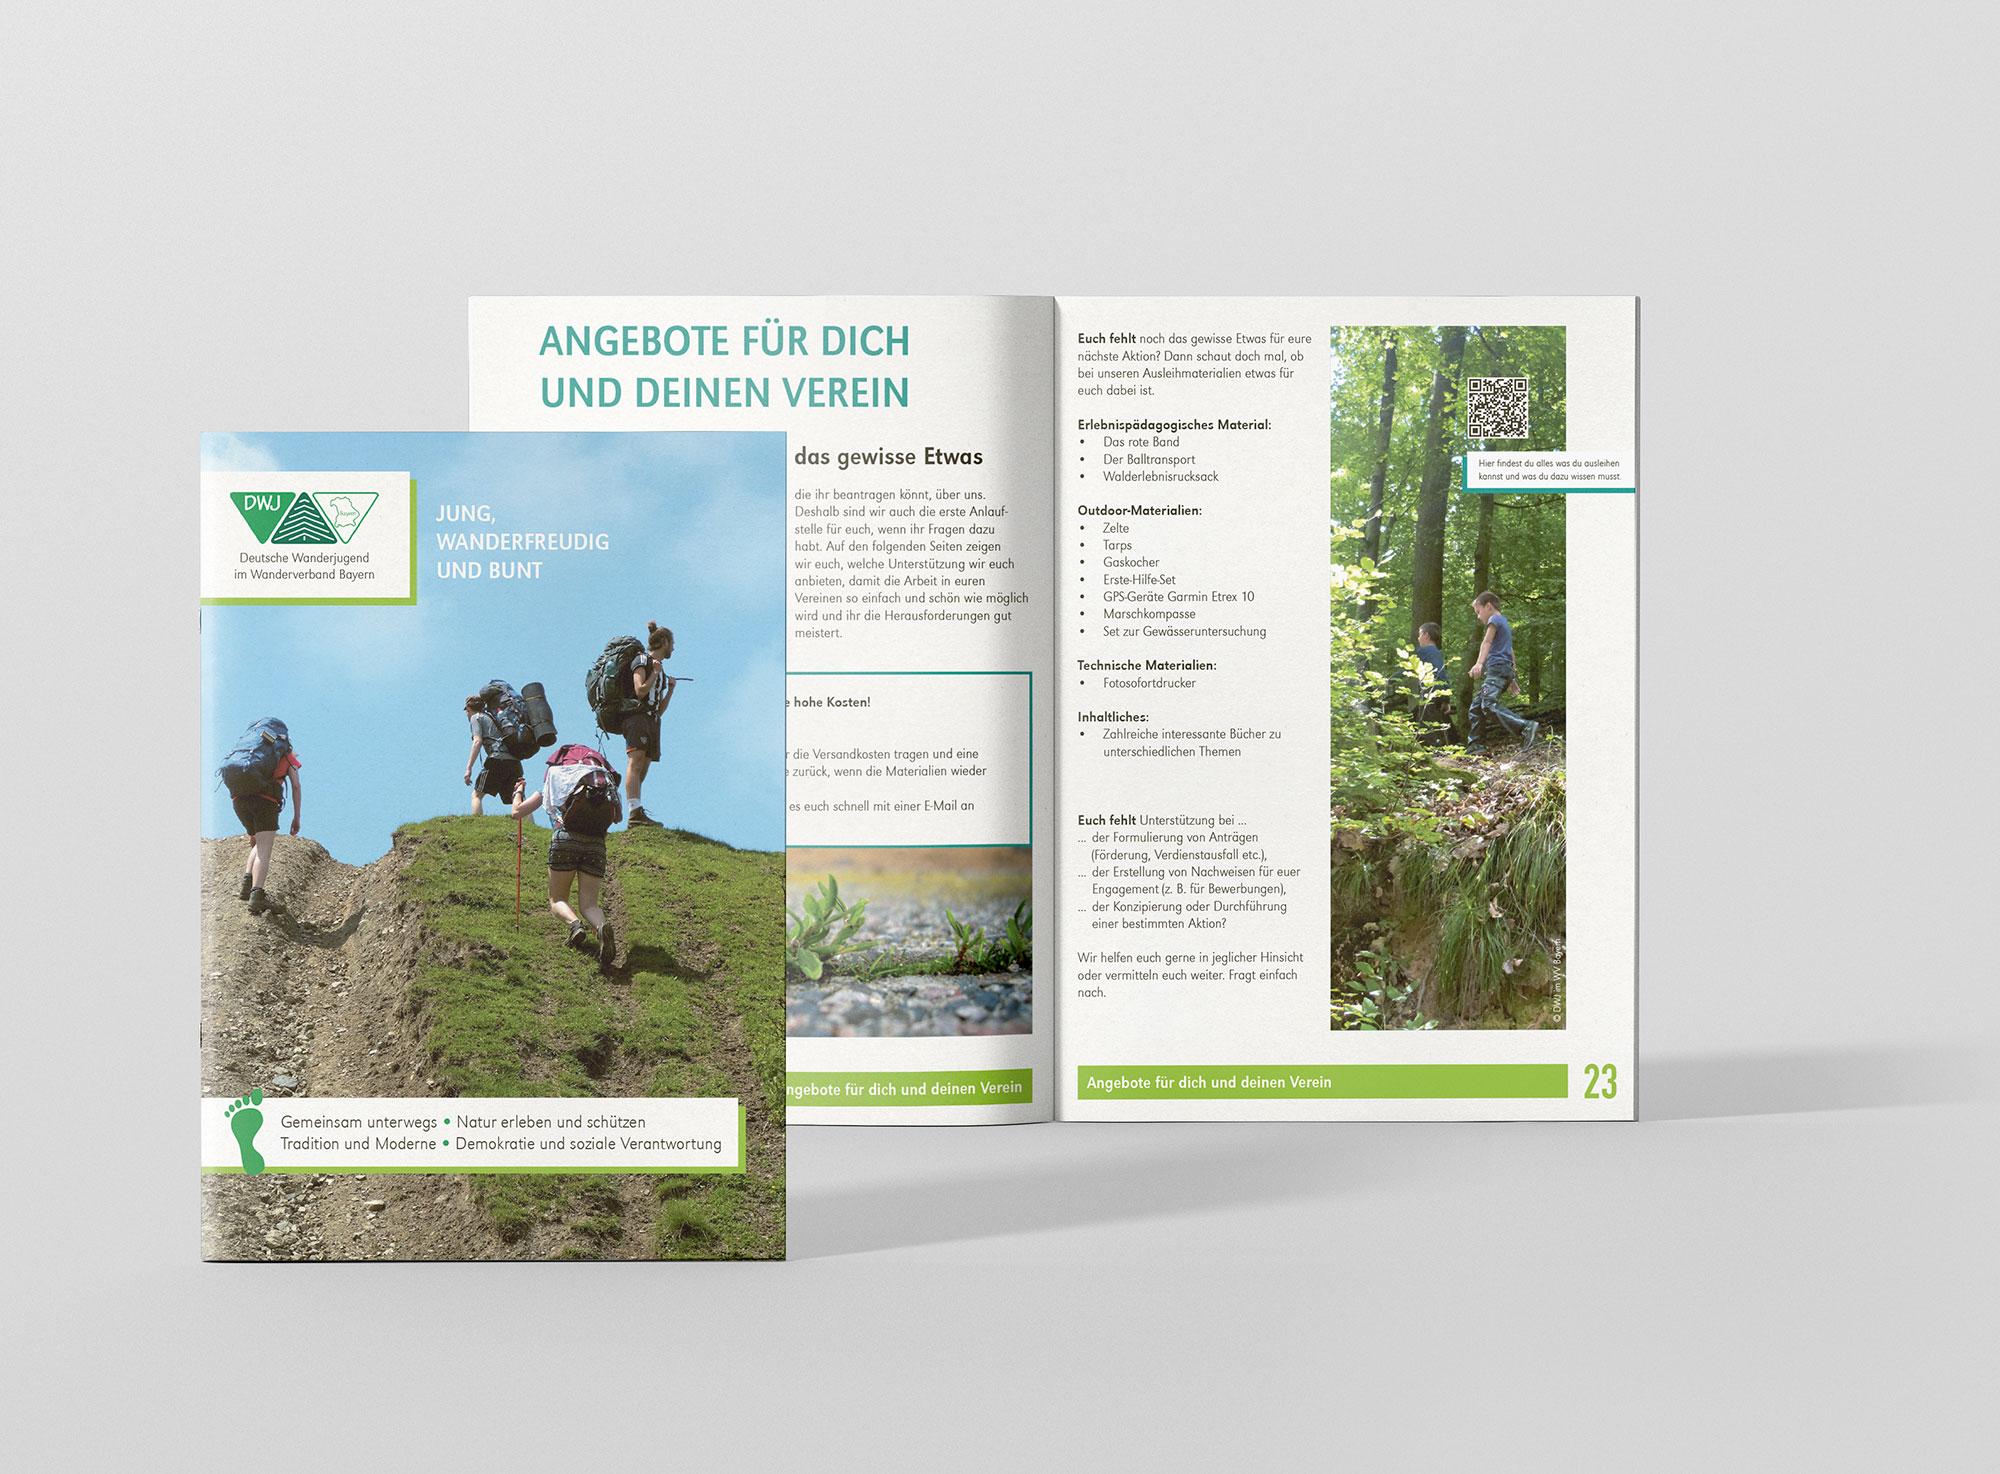 Broschüre der Deutschen Wanderjugend im Wanderverband Bayern